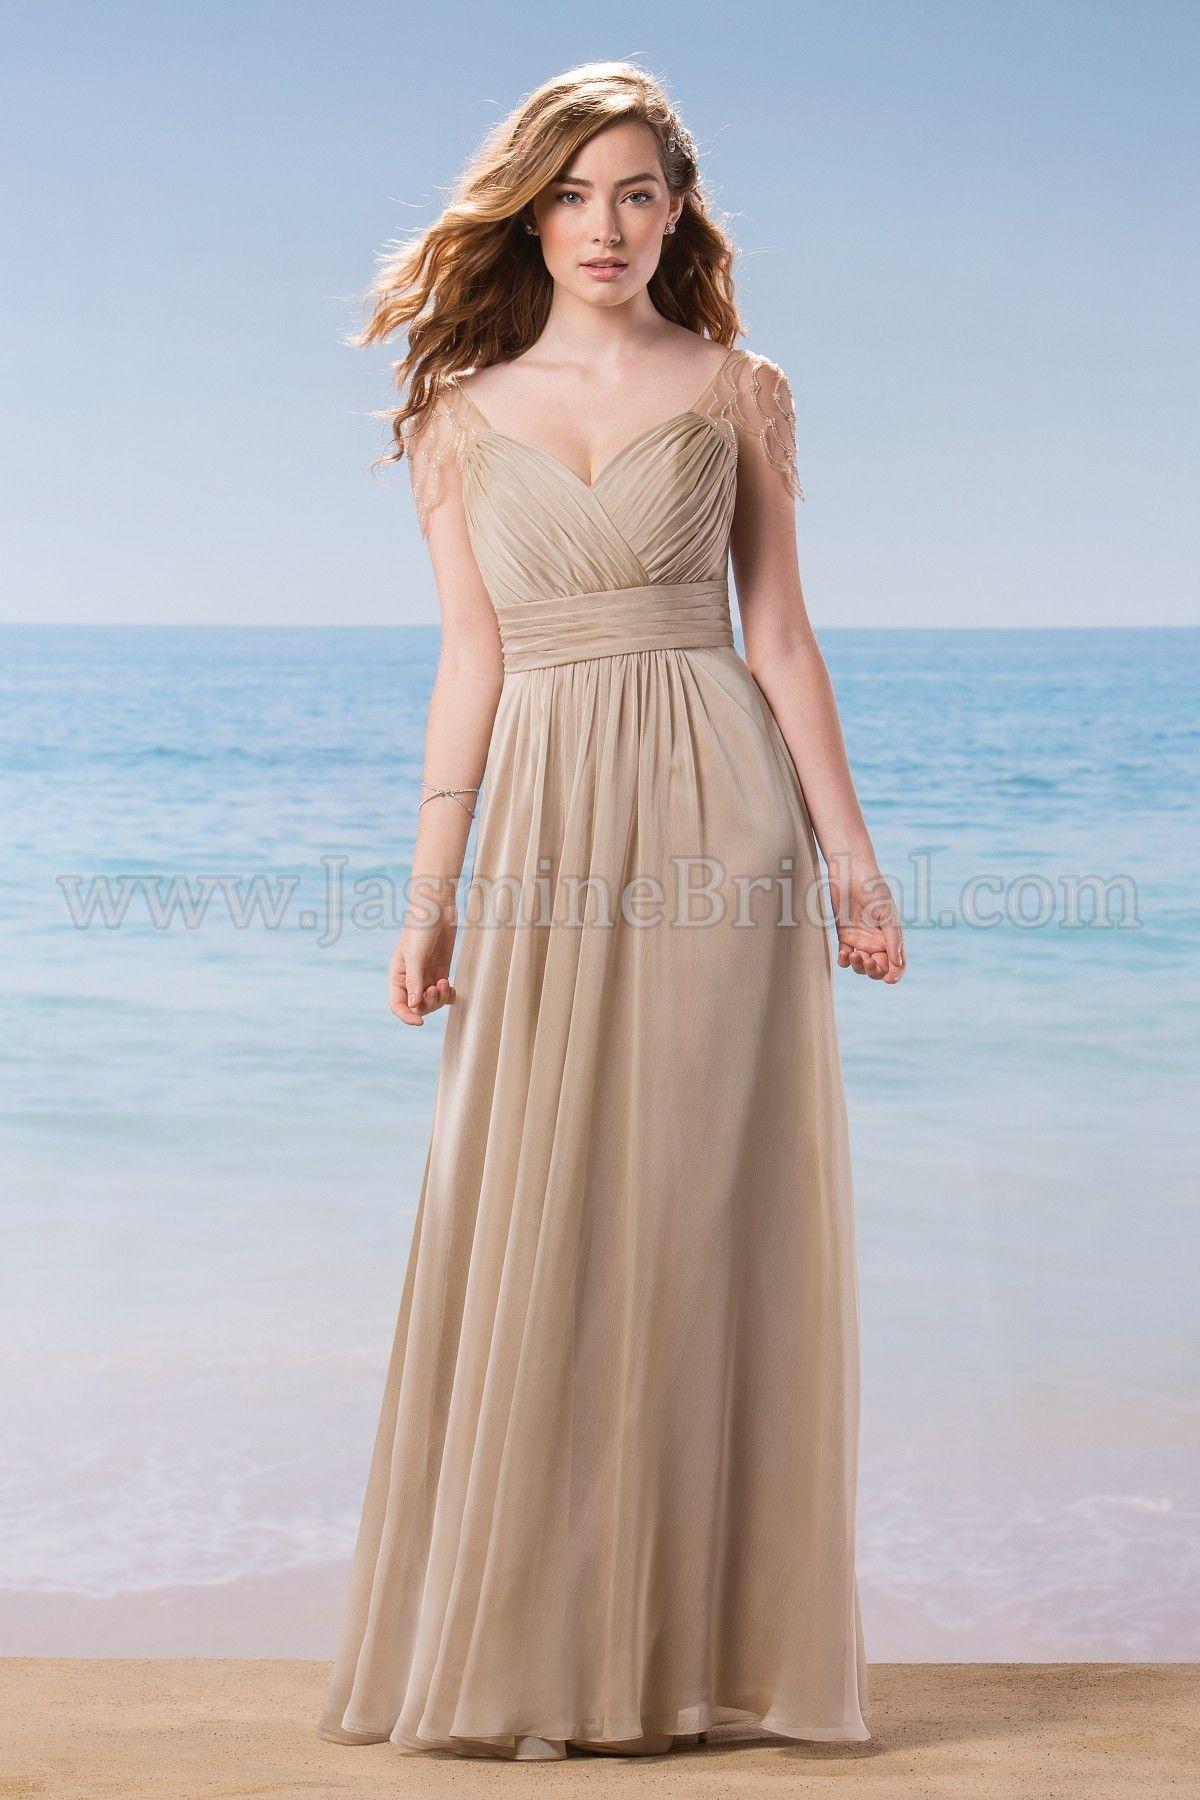 Jasmine bridal bridesmaid dress belsoie style l184009 in latte jasmine bridal bridesmaid dress belsoie style l184009 in latte ombrellifo Images